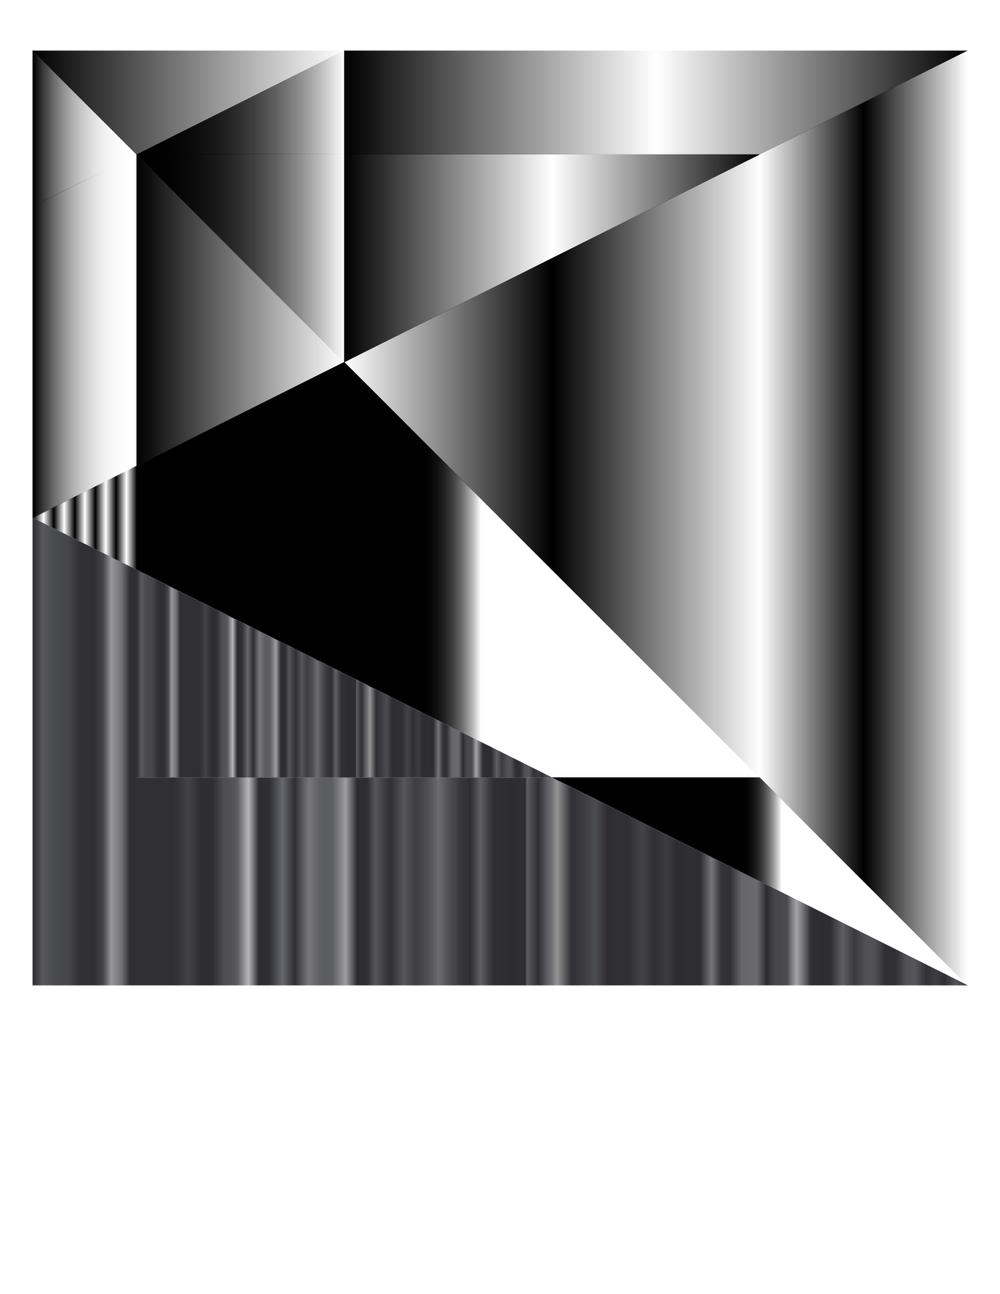 FormulaKills_9x9-20.jpg